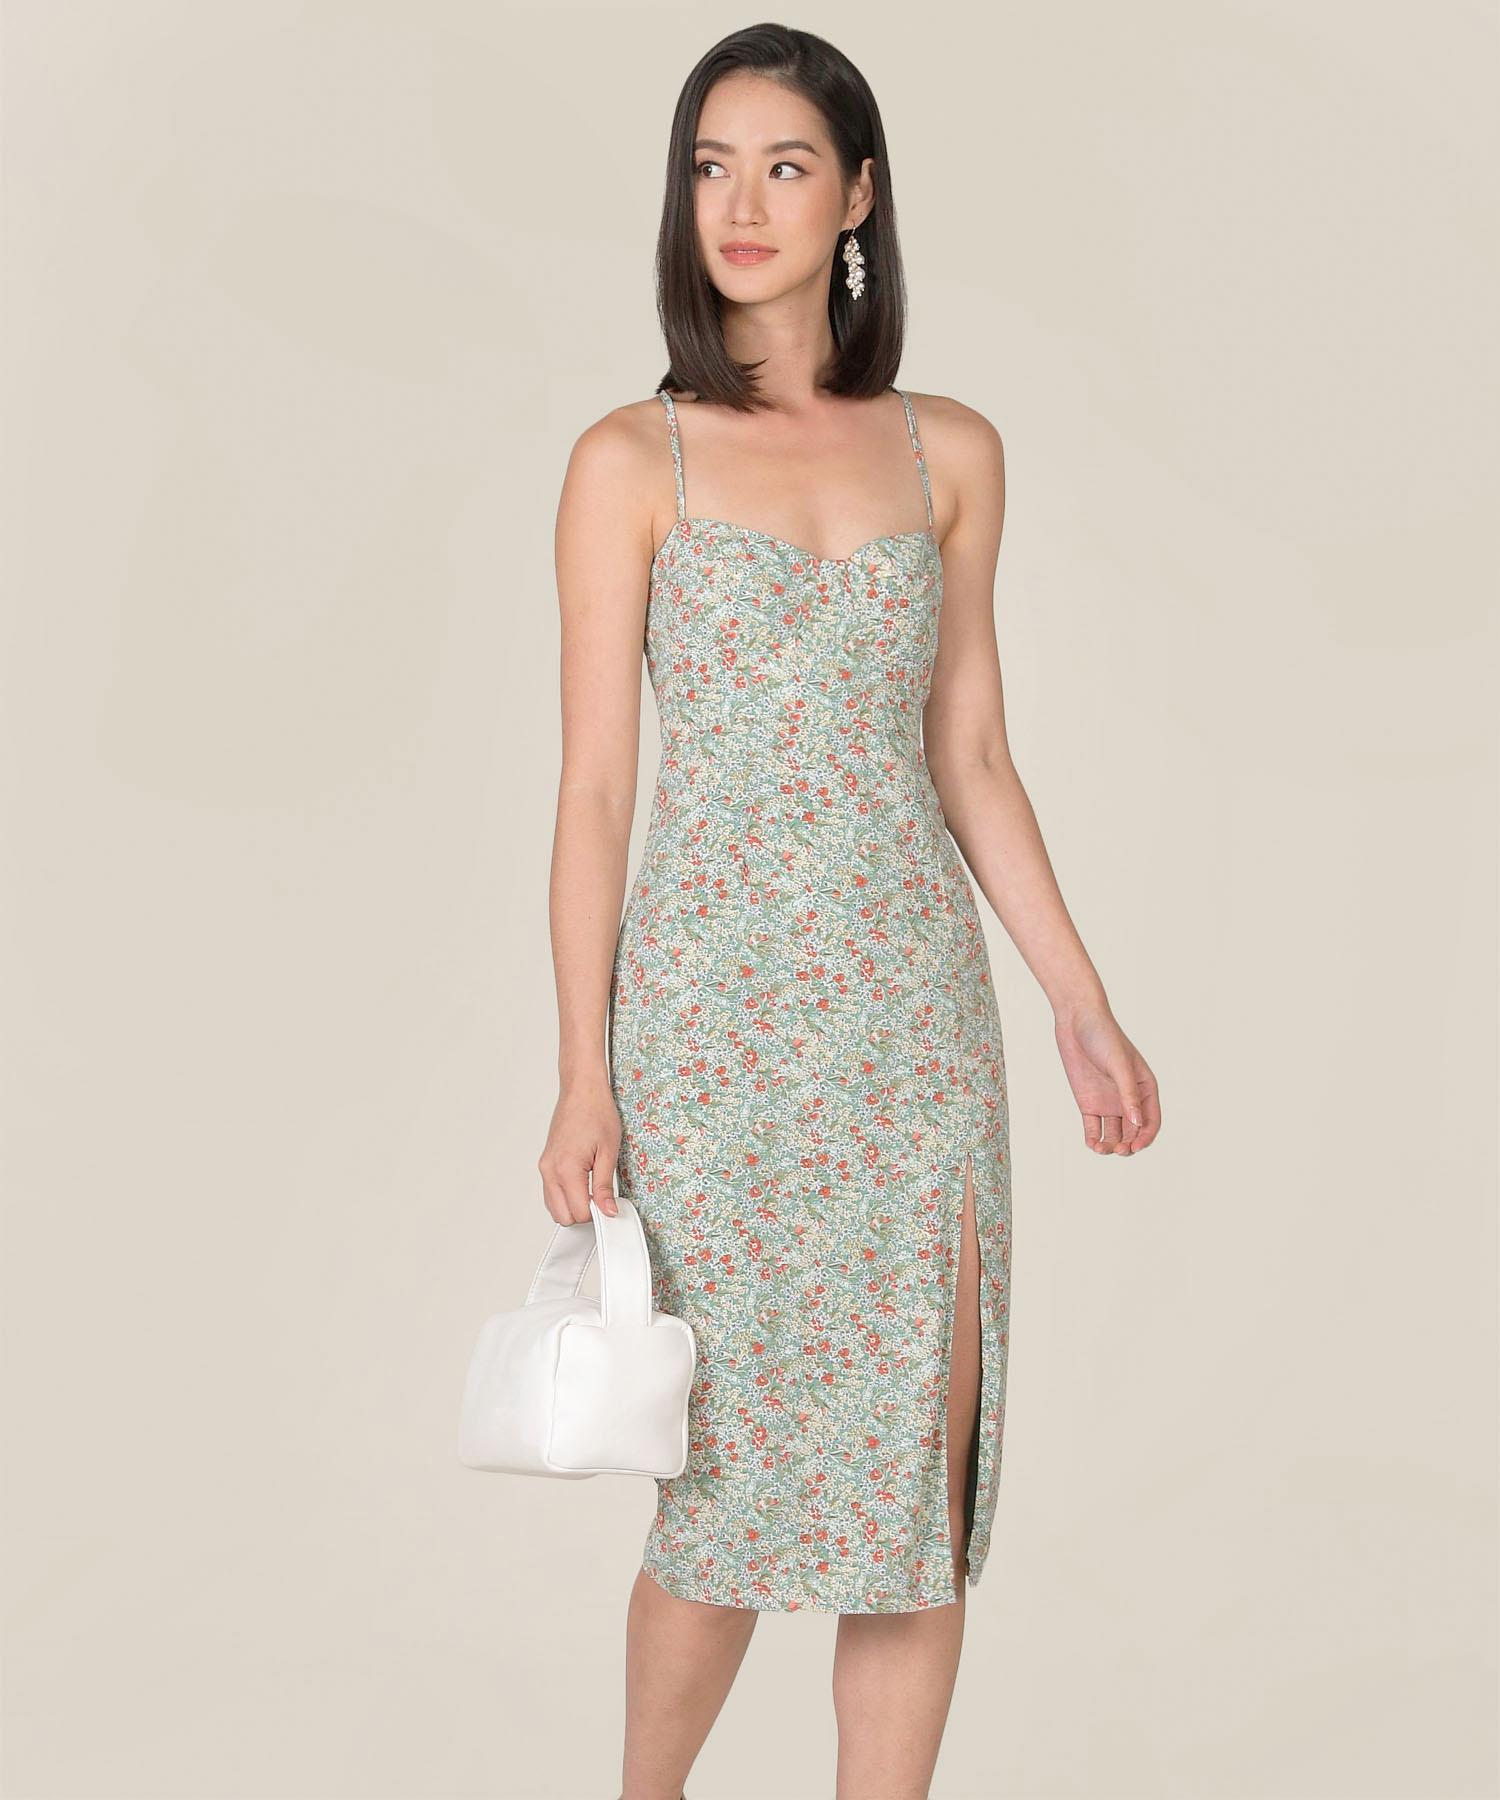 lou-floral-midi-dress-seafoam-1